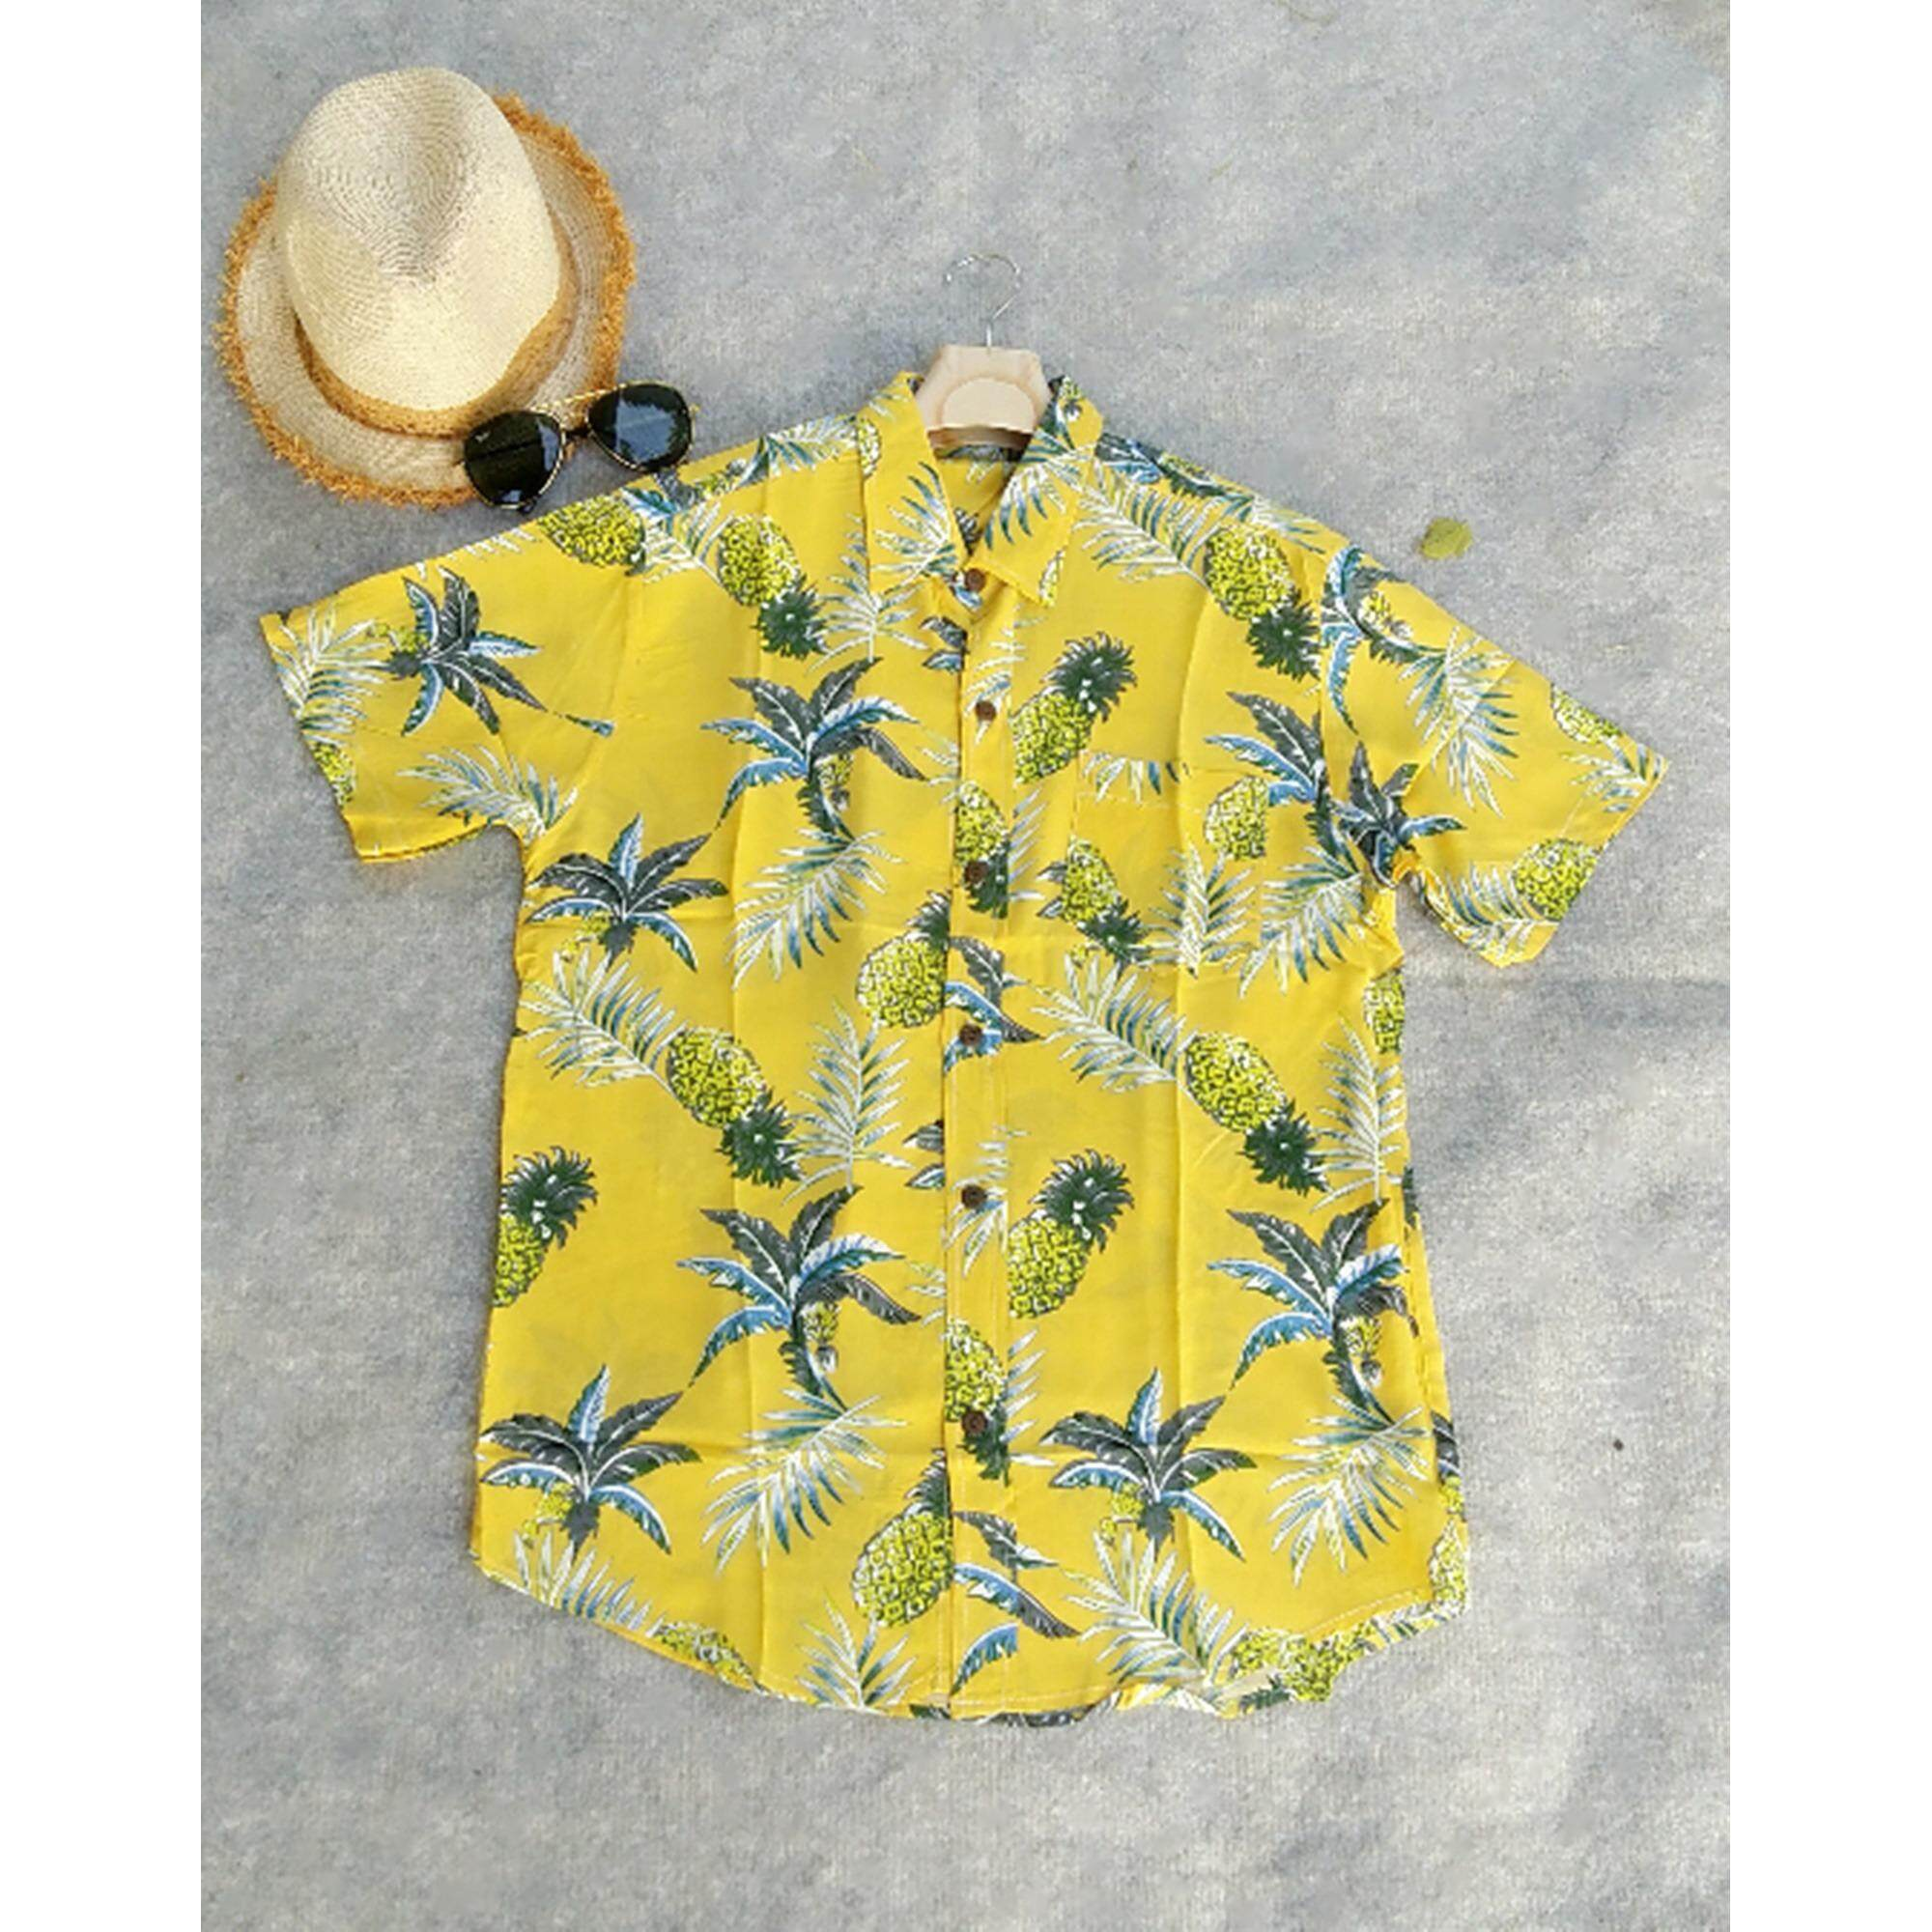 Mama Shop เสื้อเซิ้ตฮาวาย พิมพ์ลายดอกสับปะรด พื้นสีเหลือง คอปก ไซส์ M ผ้านิ่มใส่สบาย รุ่น Mb 113 ใน กรุงเทพมหานคร